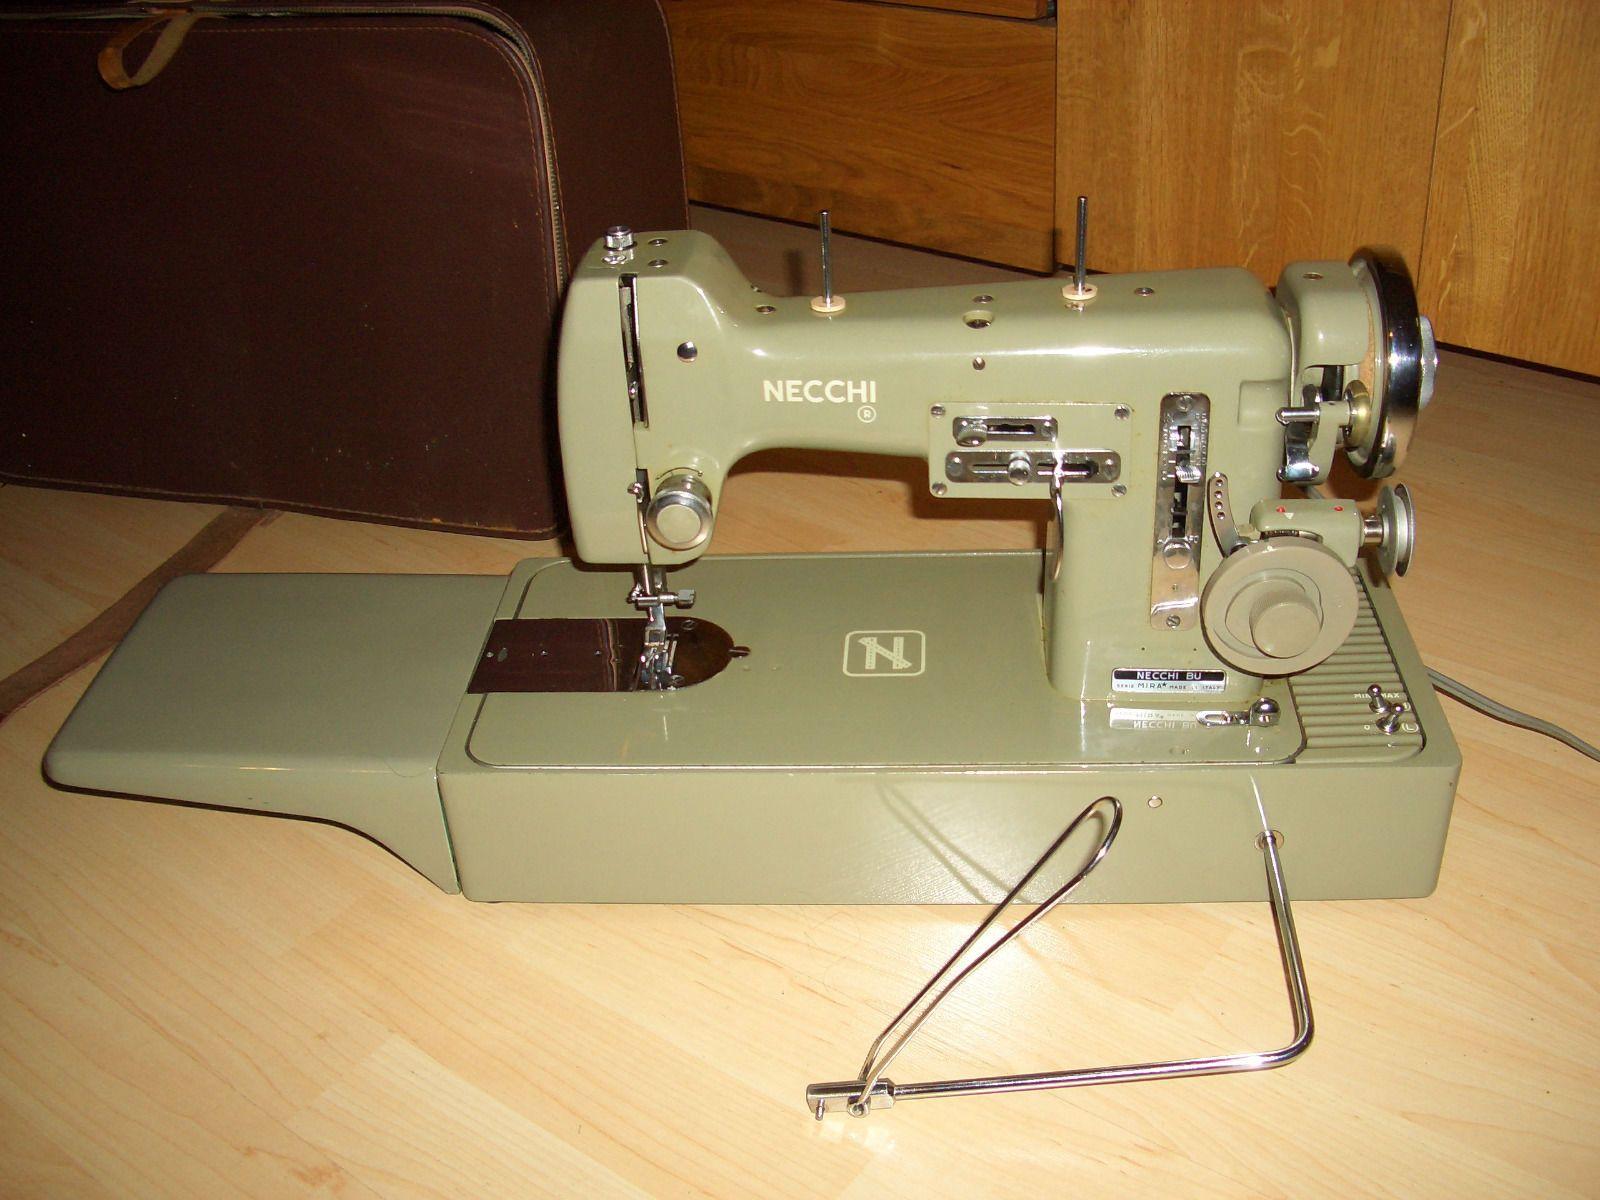 Viking Sewing Machine Diagram Opel Vectra Wiring Necchi Bu Mira Vintage